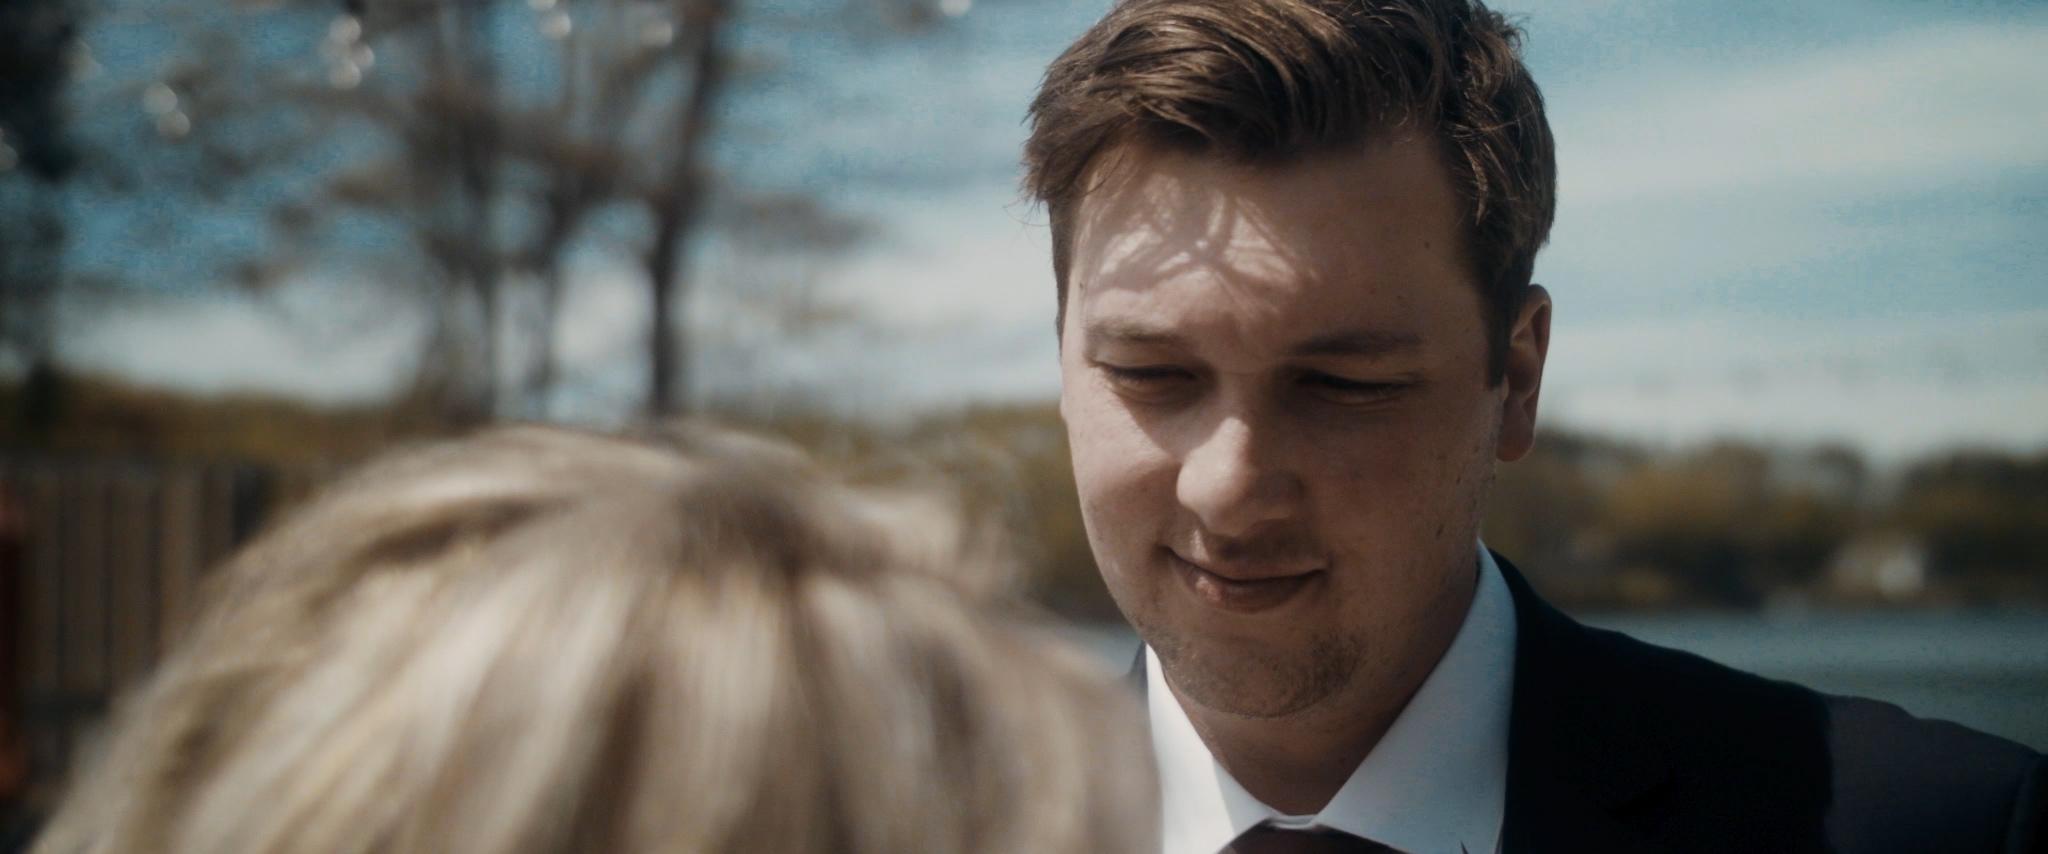 HAVENS_Wedding_Film.00_01_30_23.Still017.jpg